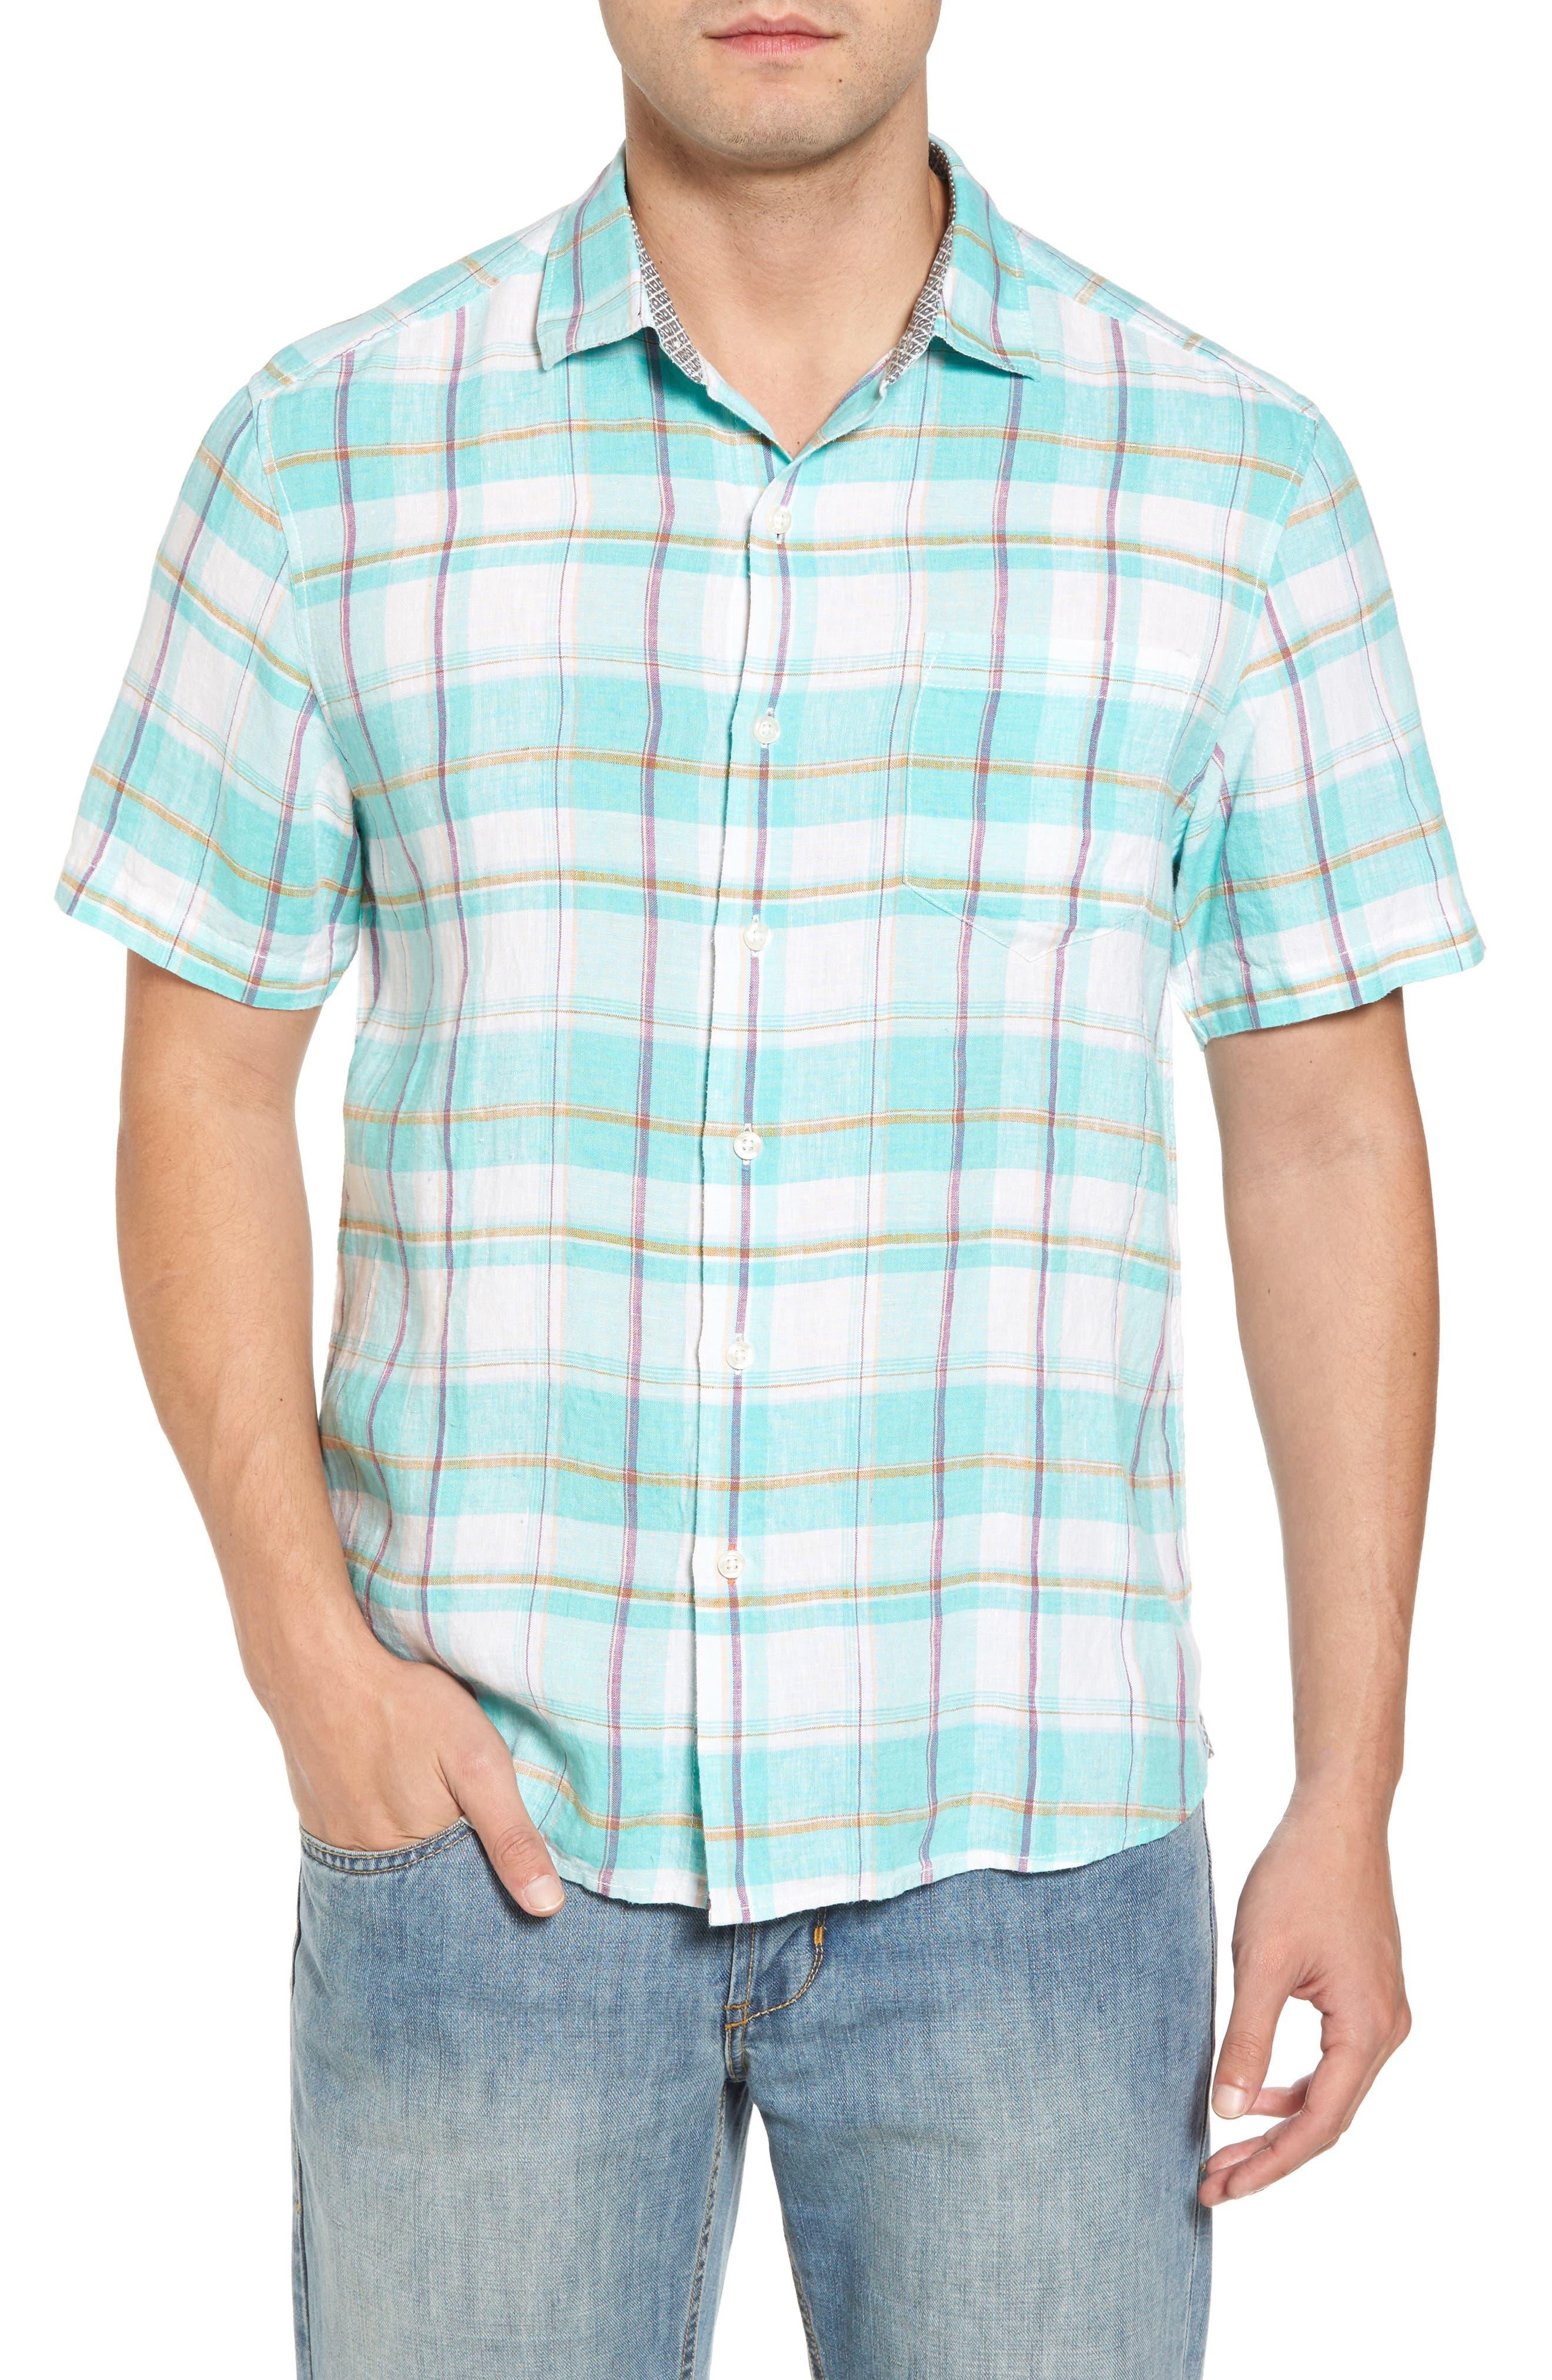 Lauderdale Regular Fit Sport Shirt,                             Main thumbnail 1, color,                             Dusty Aqua